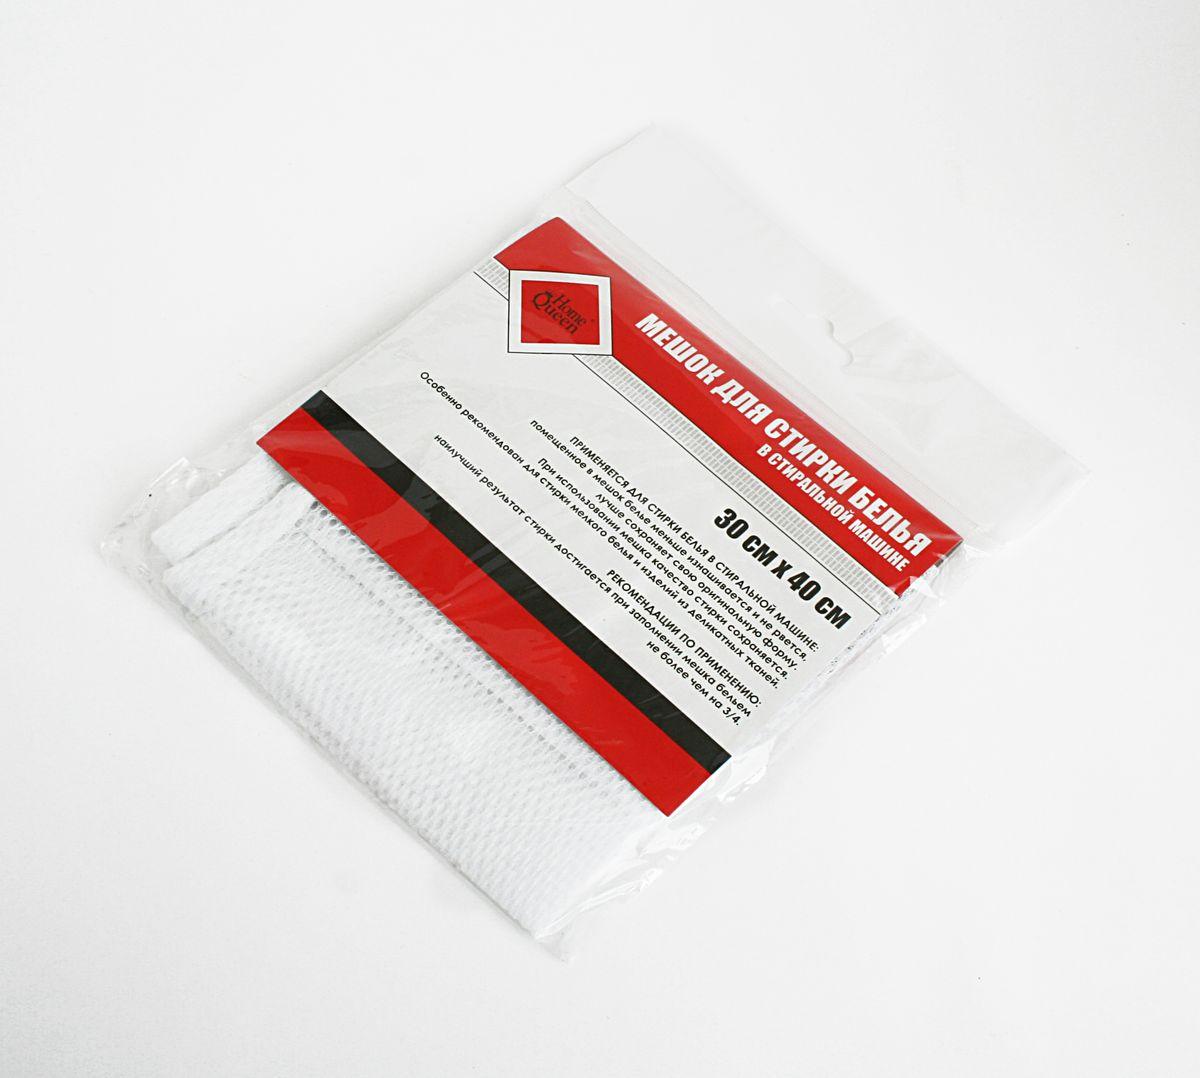 Мешок для стирки белья Home Queen, цвет: белый, 30 см х 40 см49Мешок Home Queen на молнии для стирки белья изготовлен из полиэстера. Применяется для стирки белья в стиральной машине. При использовании мешка качество стирки сохраняется. Оптимальный результат стирки достигается при заполнении мешка не более чем на 3/4. Помещенное в мешок белье меньше изнашивается и не рвется, лучше сохраняет свою оригинальную форму. Изделие особенно рекомендовано для стирки мелкого белья и изделий из деликатных тканей. Мешок Home Queen идеален для предотвращения попадания мелких предметов (пуговиц, ниток, кнопок) в механизм стиральной машины. Размер: 30 см х 40 см.